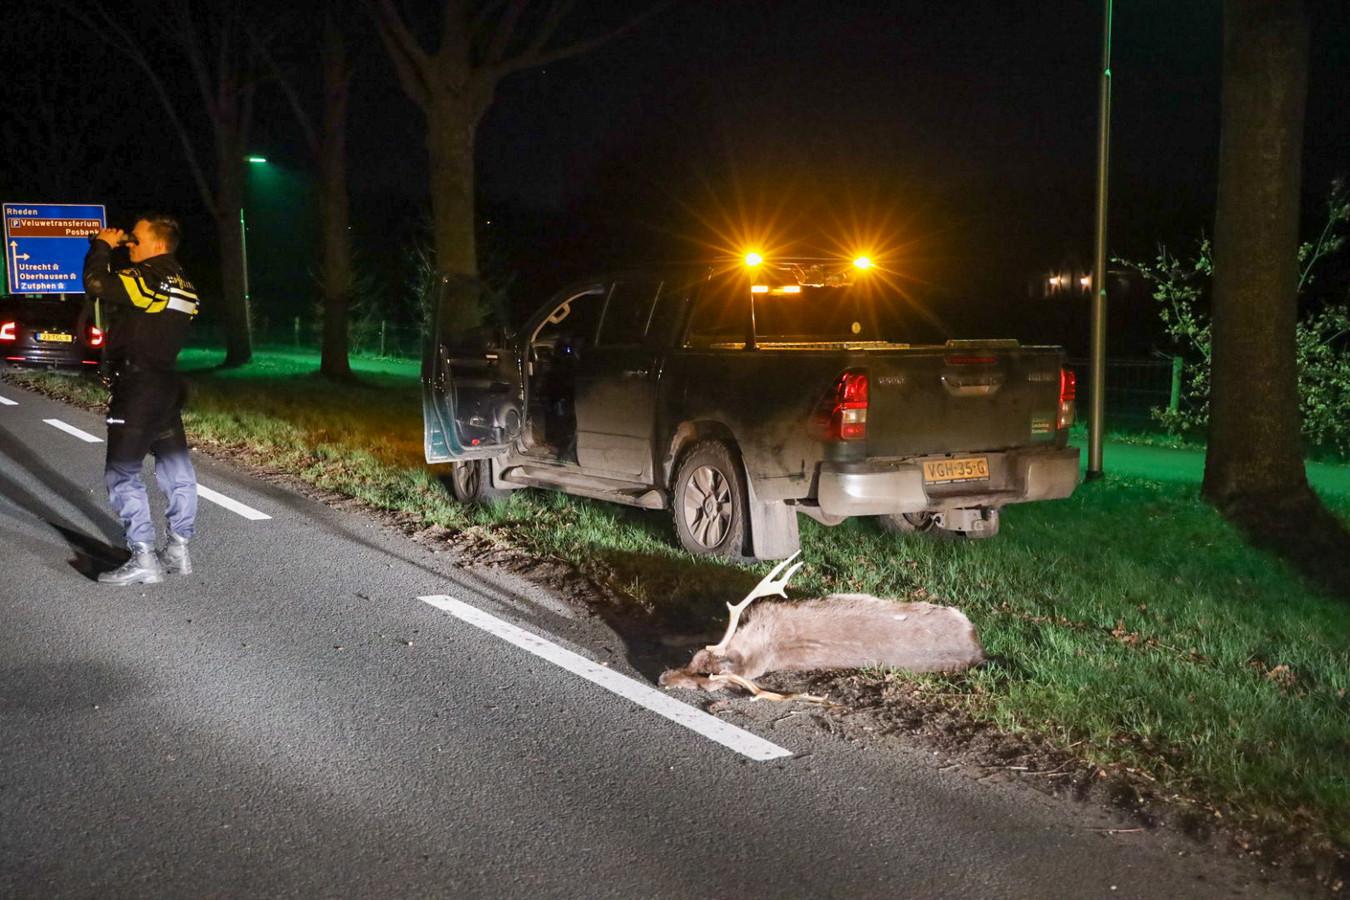 Het eerste damhert werd donderdagnacht doodgereden, het tweede wist te ontkomen (maar de auto was total loss).